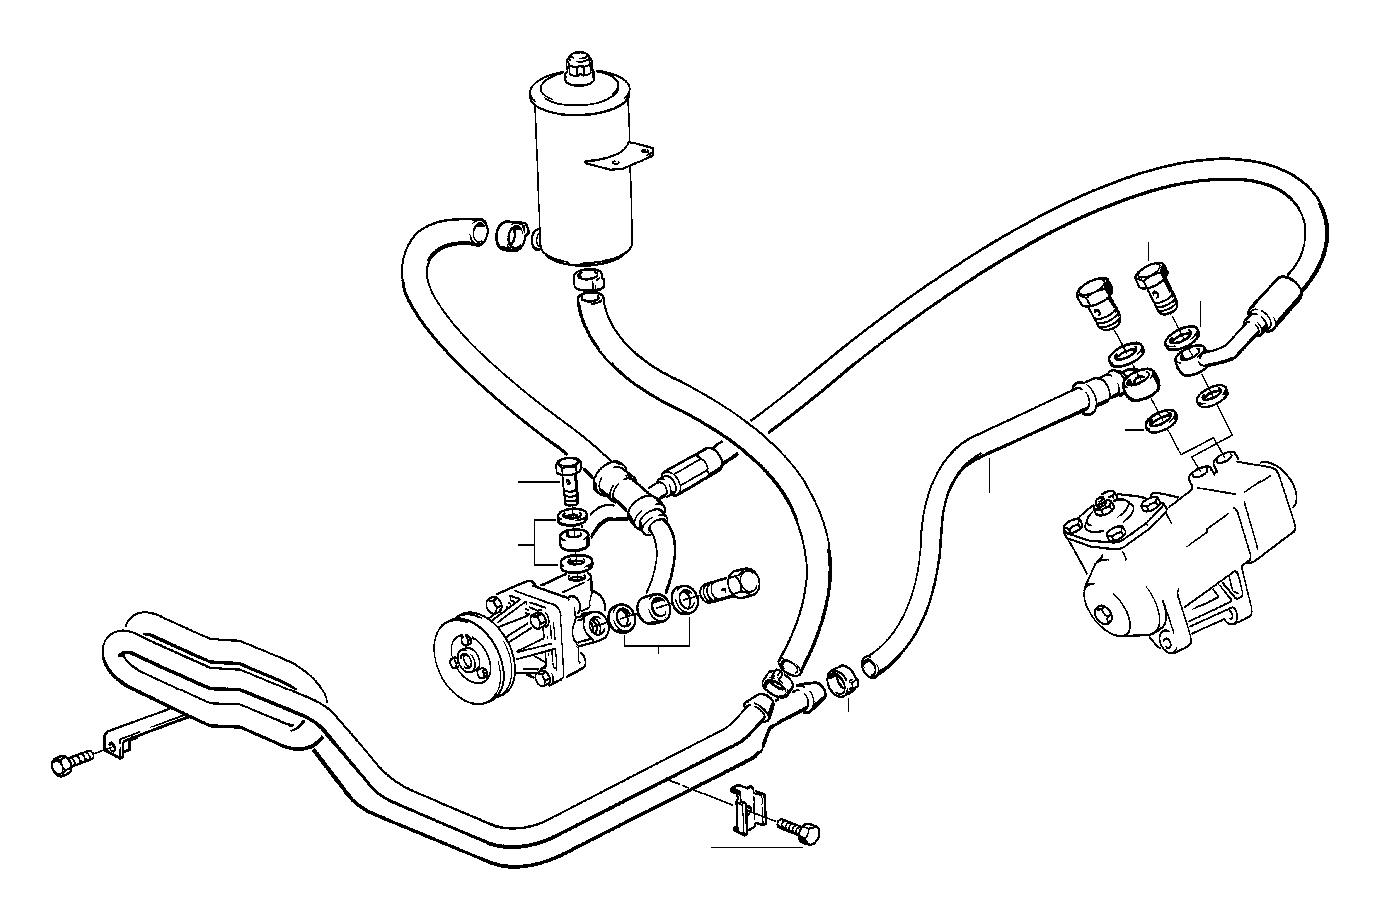 32412226390 - pressure hose assy